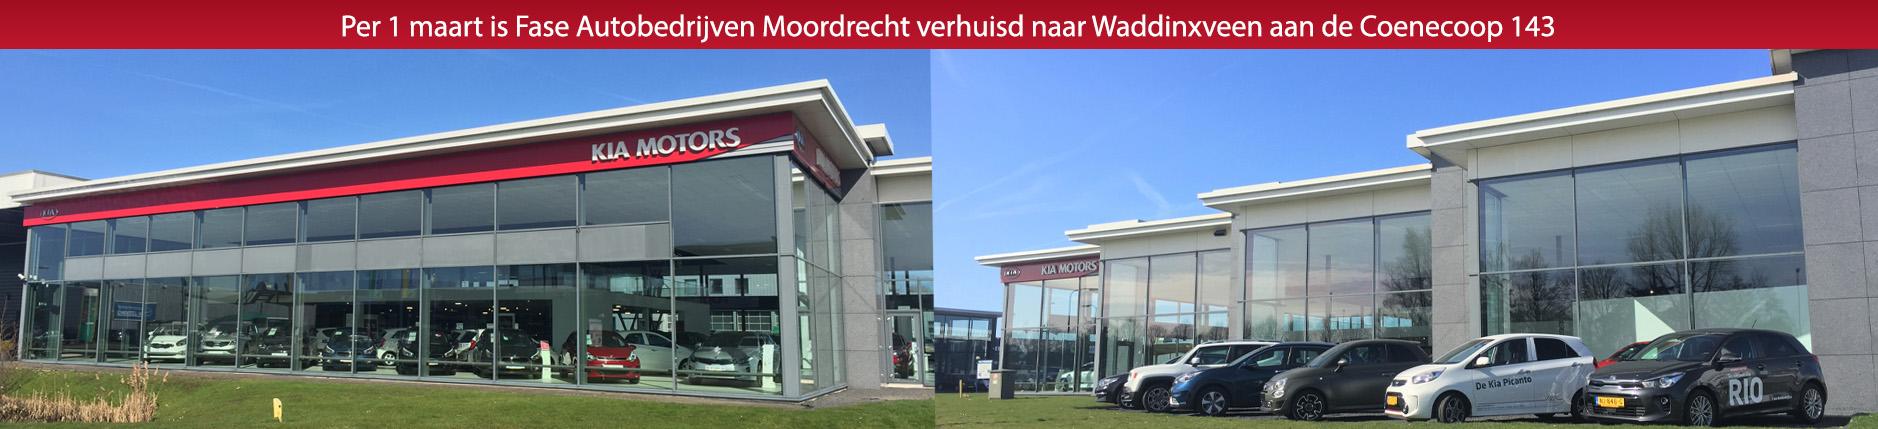 Coenecoop 143 waddinxveen